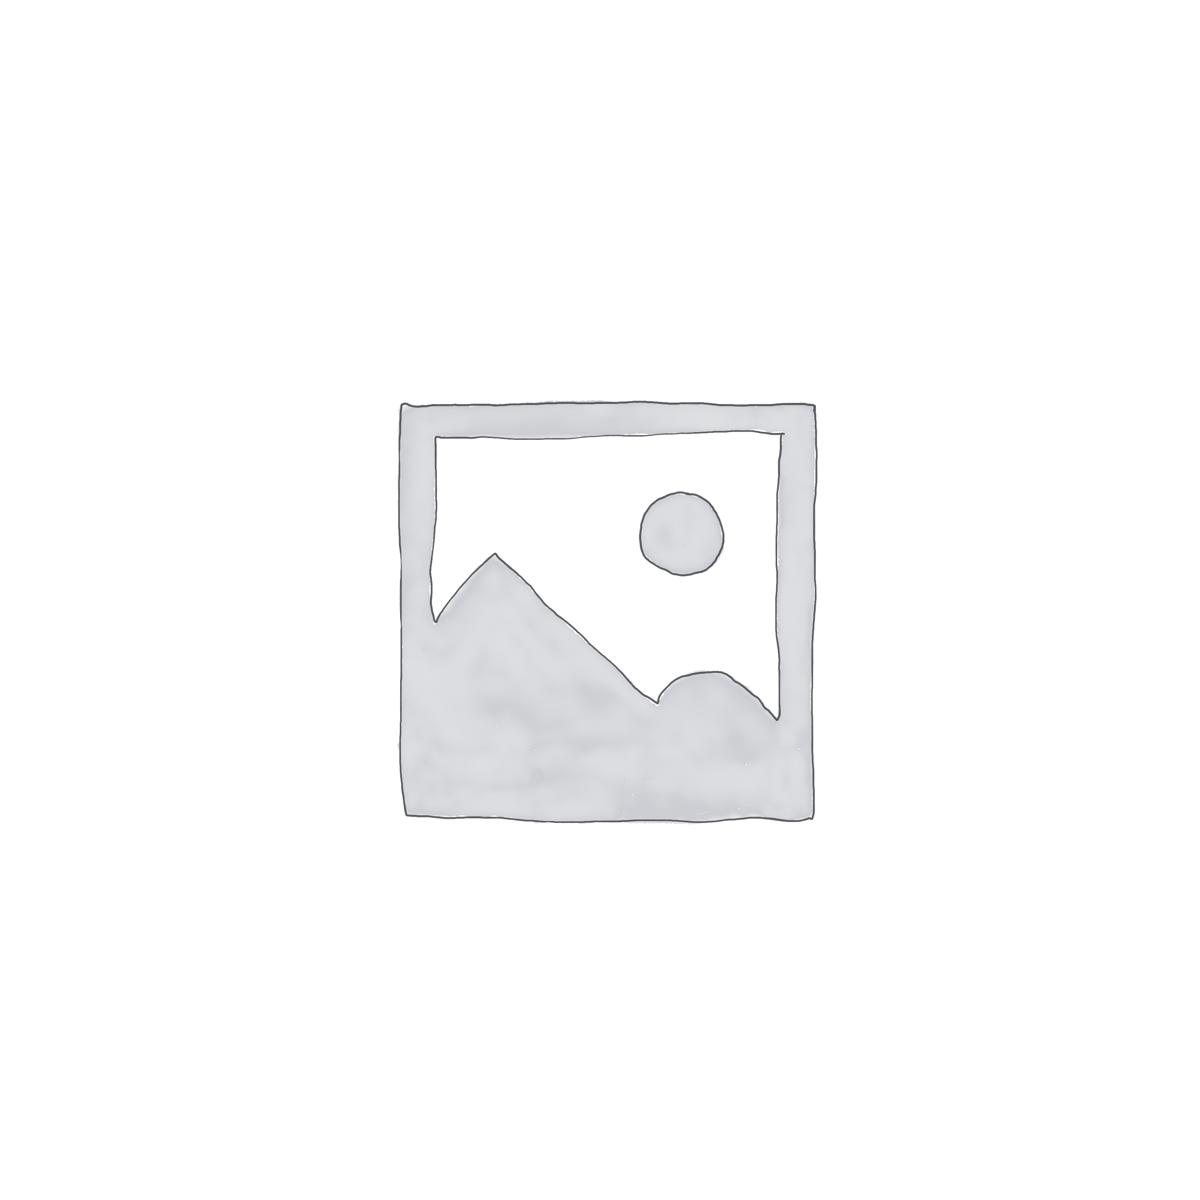 Cherry Blossom Wallpaper Mural